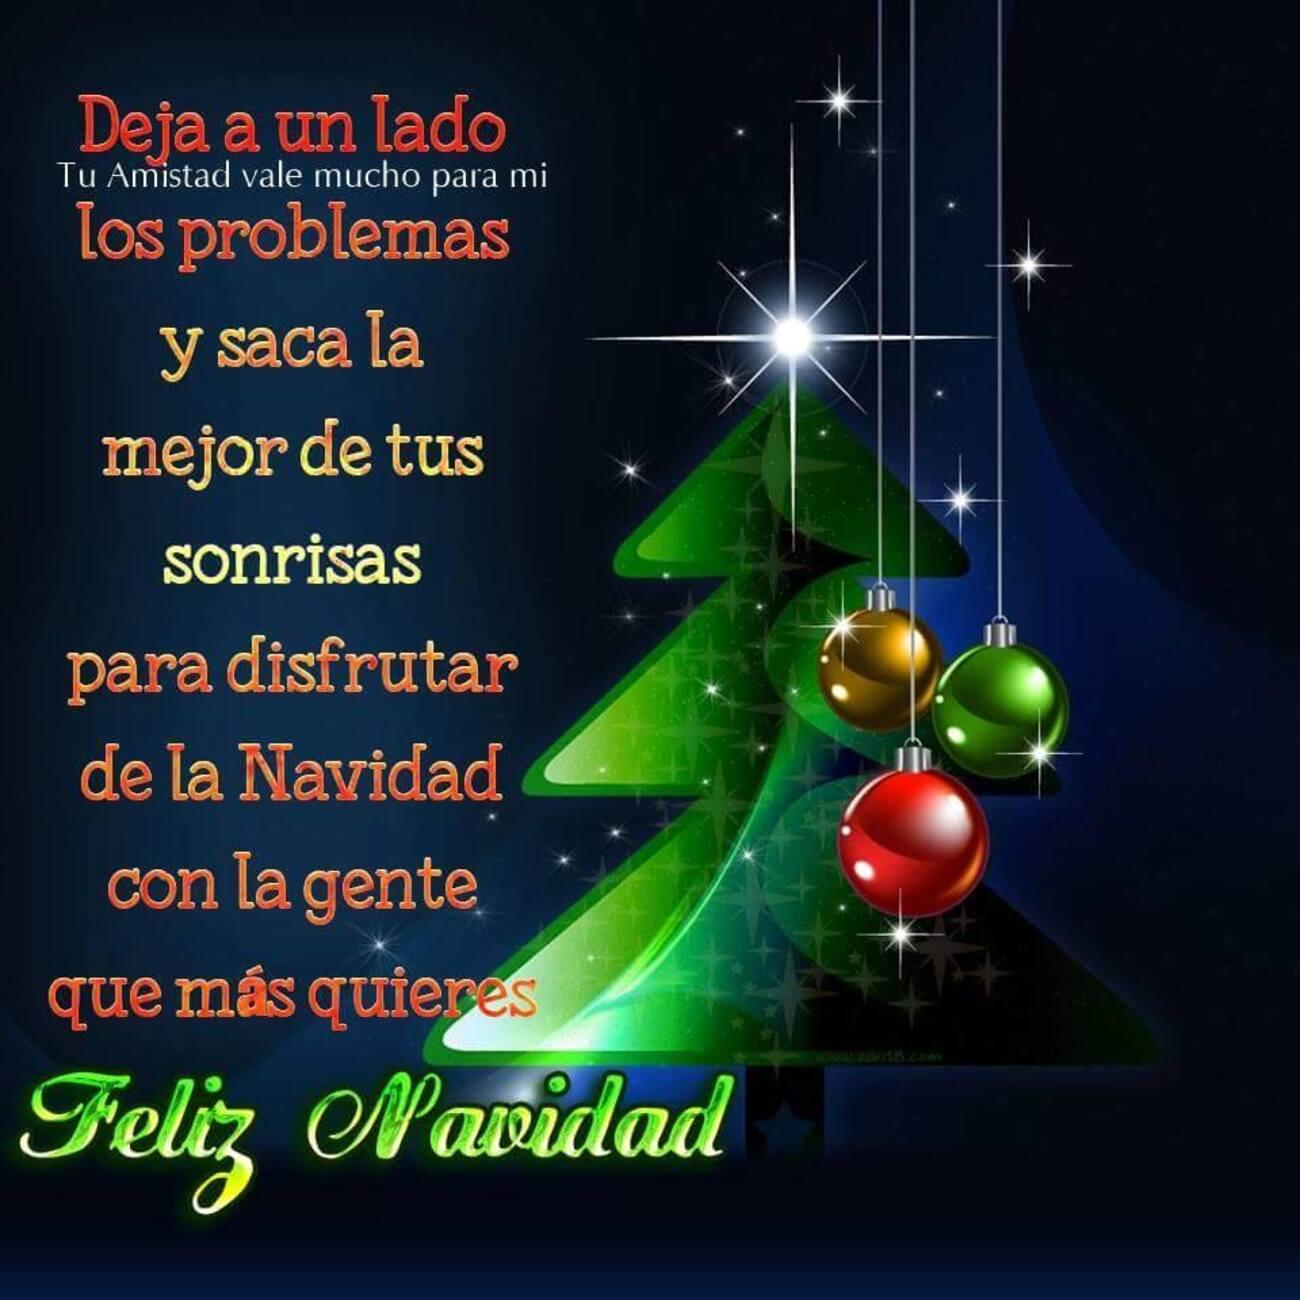 Deja a un lado los problemas y saca la mejor de tu sonrisas para disfrutar de la Navidad con la gente que más quieres feliz navidad